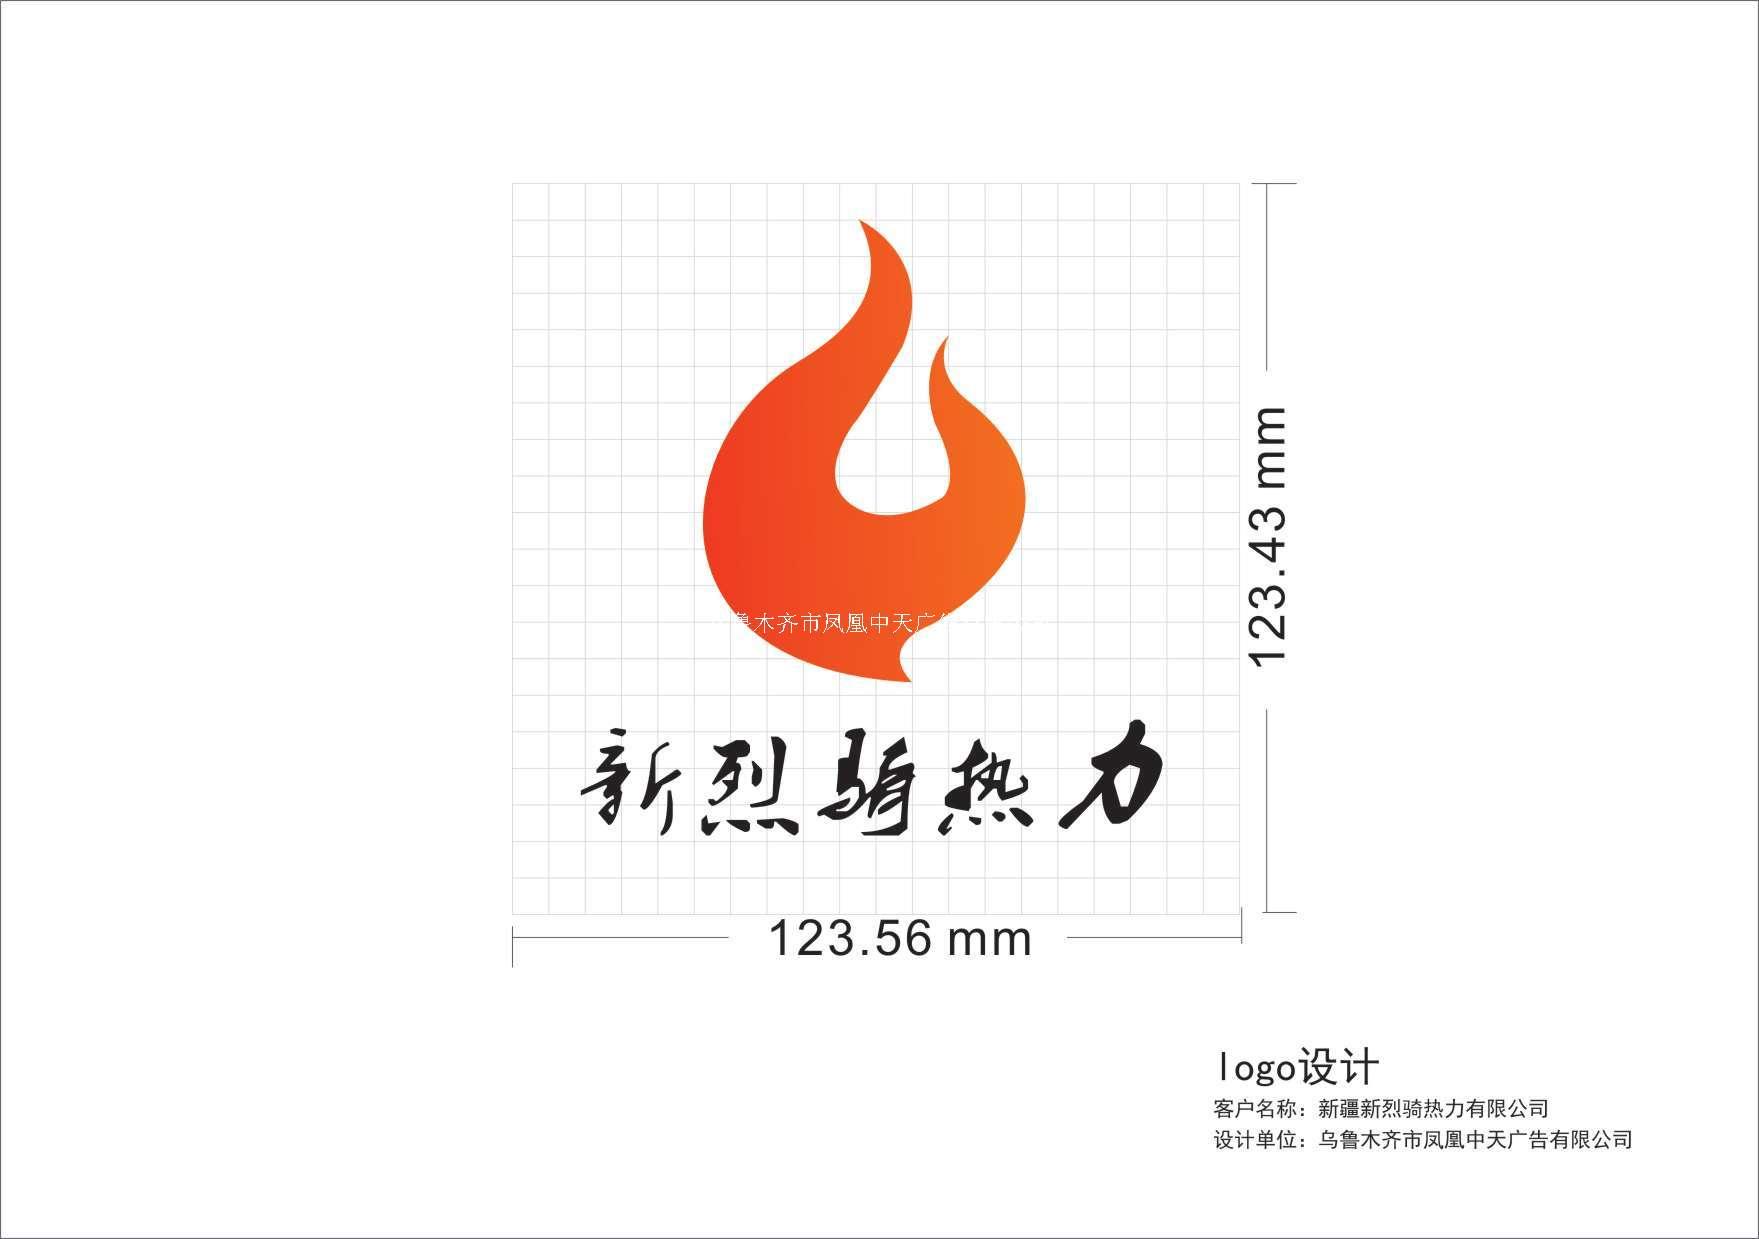 热力公司logo设计 - 乌鲁木齐市凤凰中天广告有限